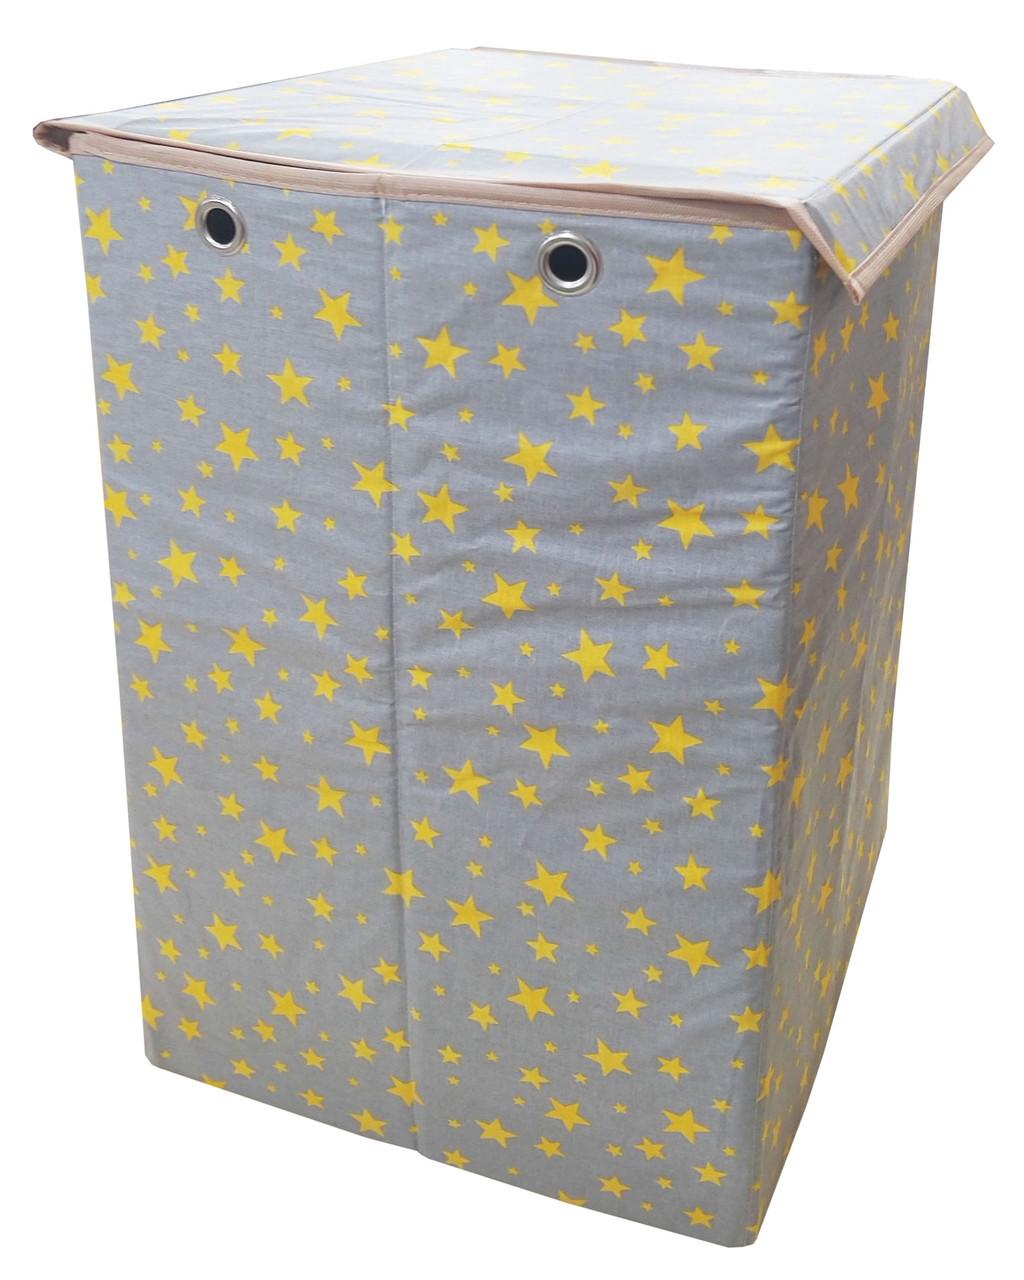 Ящик для хранения игрушек, 35 * 35 * 55 см, (хлопок), Звезды на сером (с крышкой)